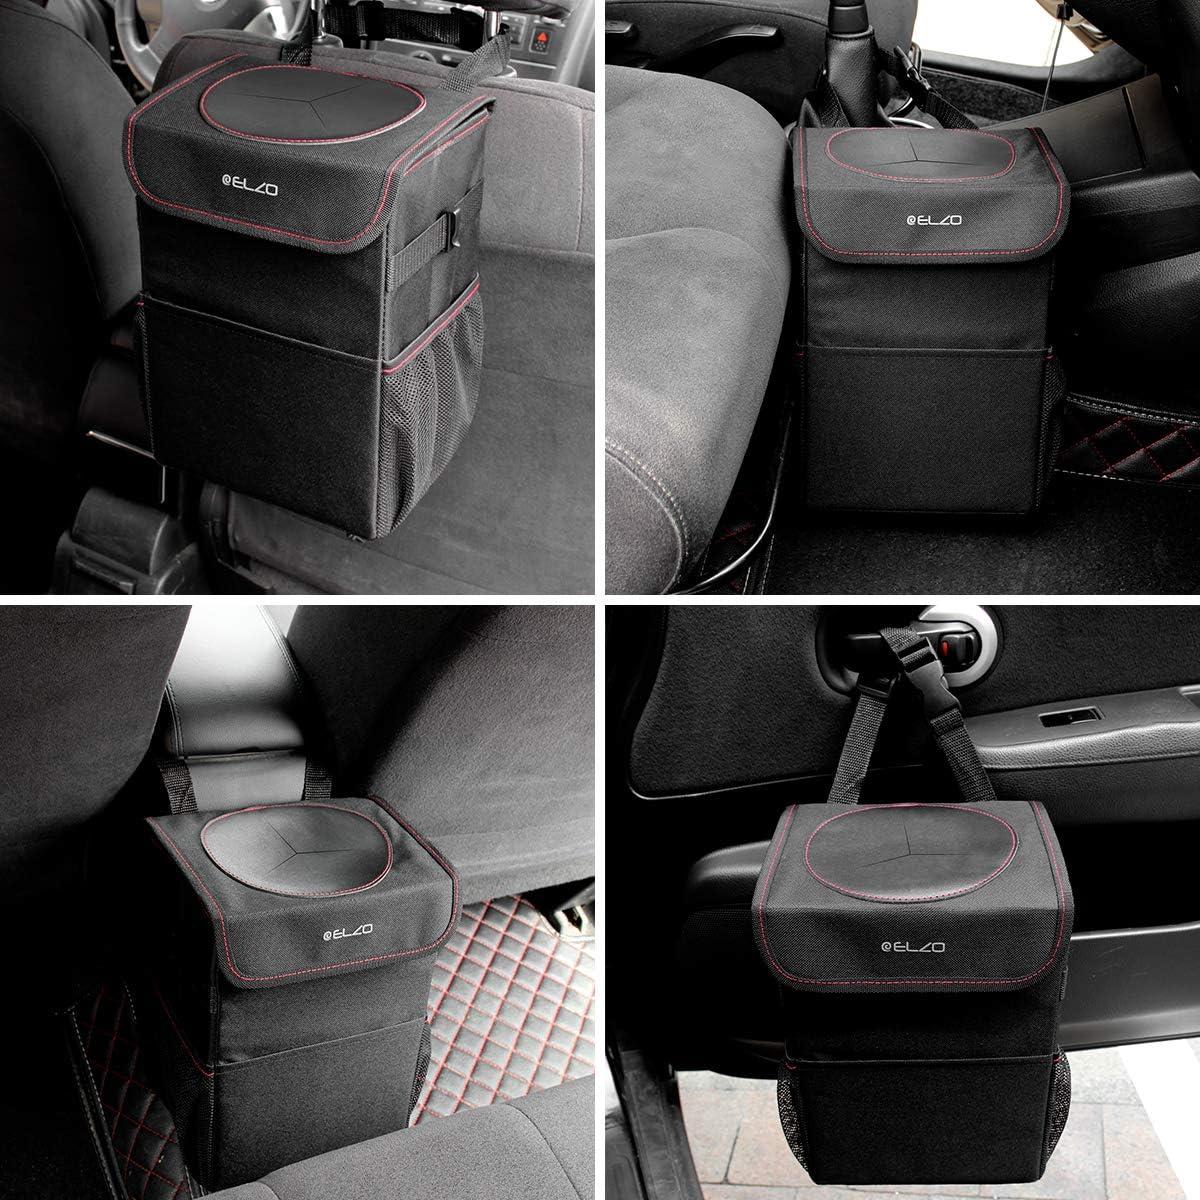 ELZO Poubelle de Voiture avec Couvercle et 3 Poches de Rangement /étanche Oxford Pliable Tissu Poubelle Automobile Noir pour Voyage et Camping